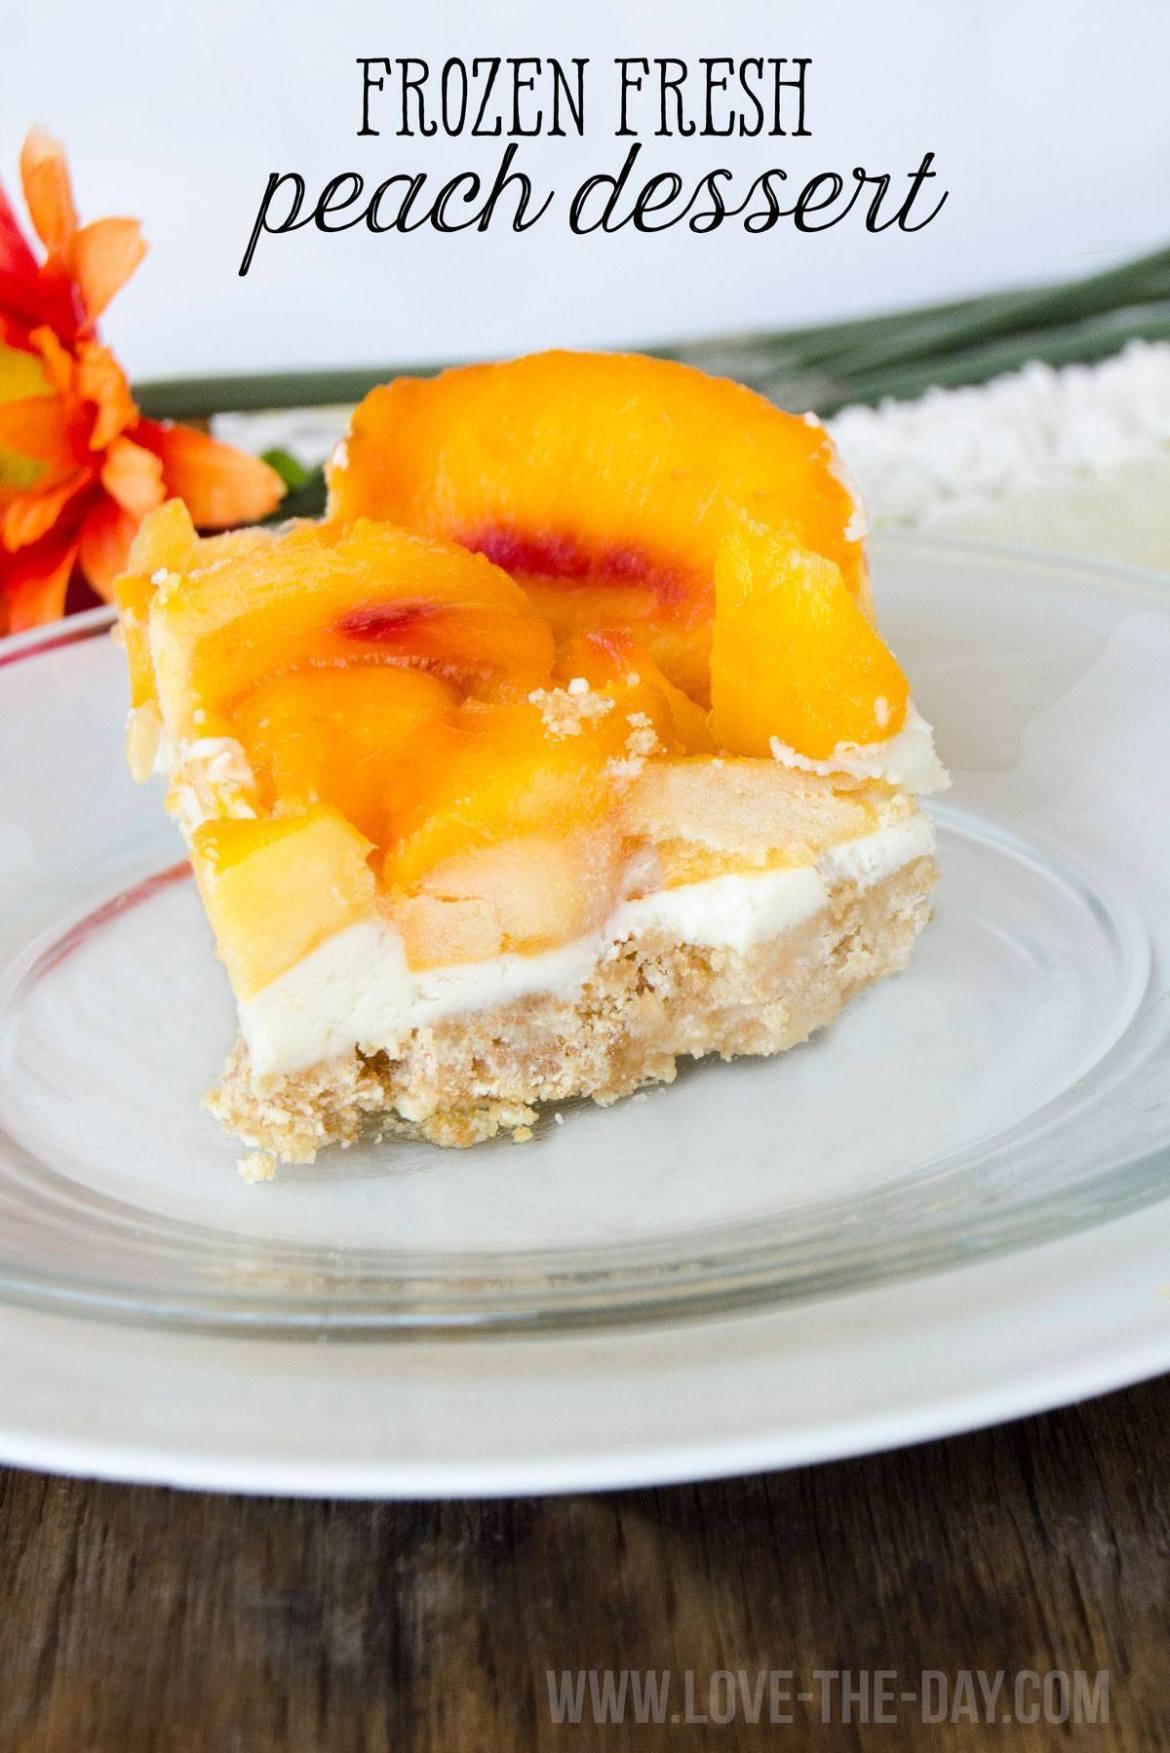 Fresh Peach Dessert  Frozen Fresh Peach Dessert by Love The Day